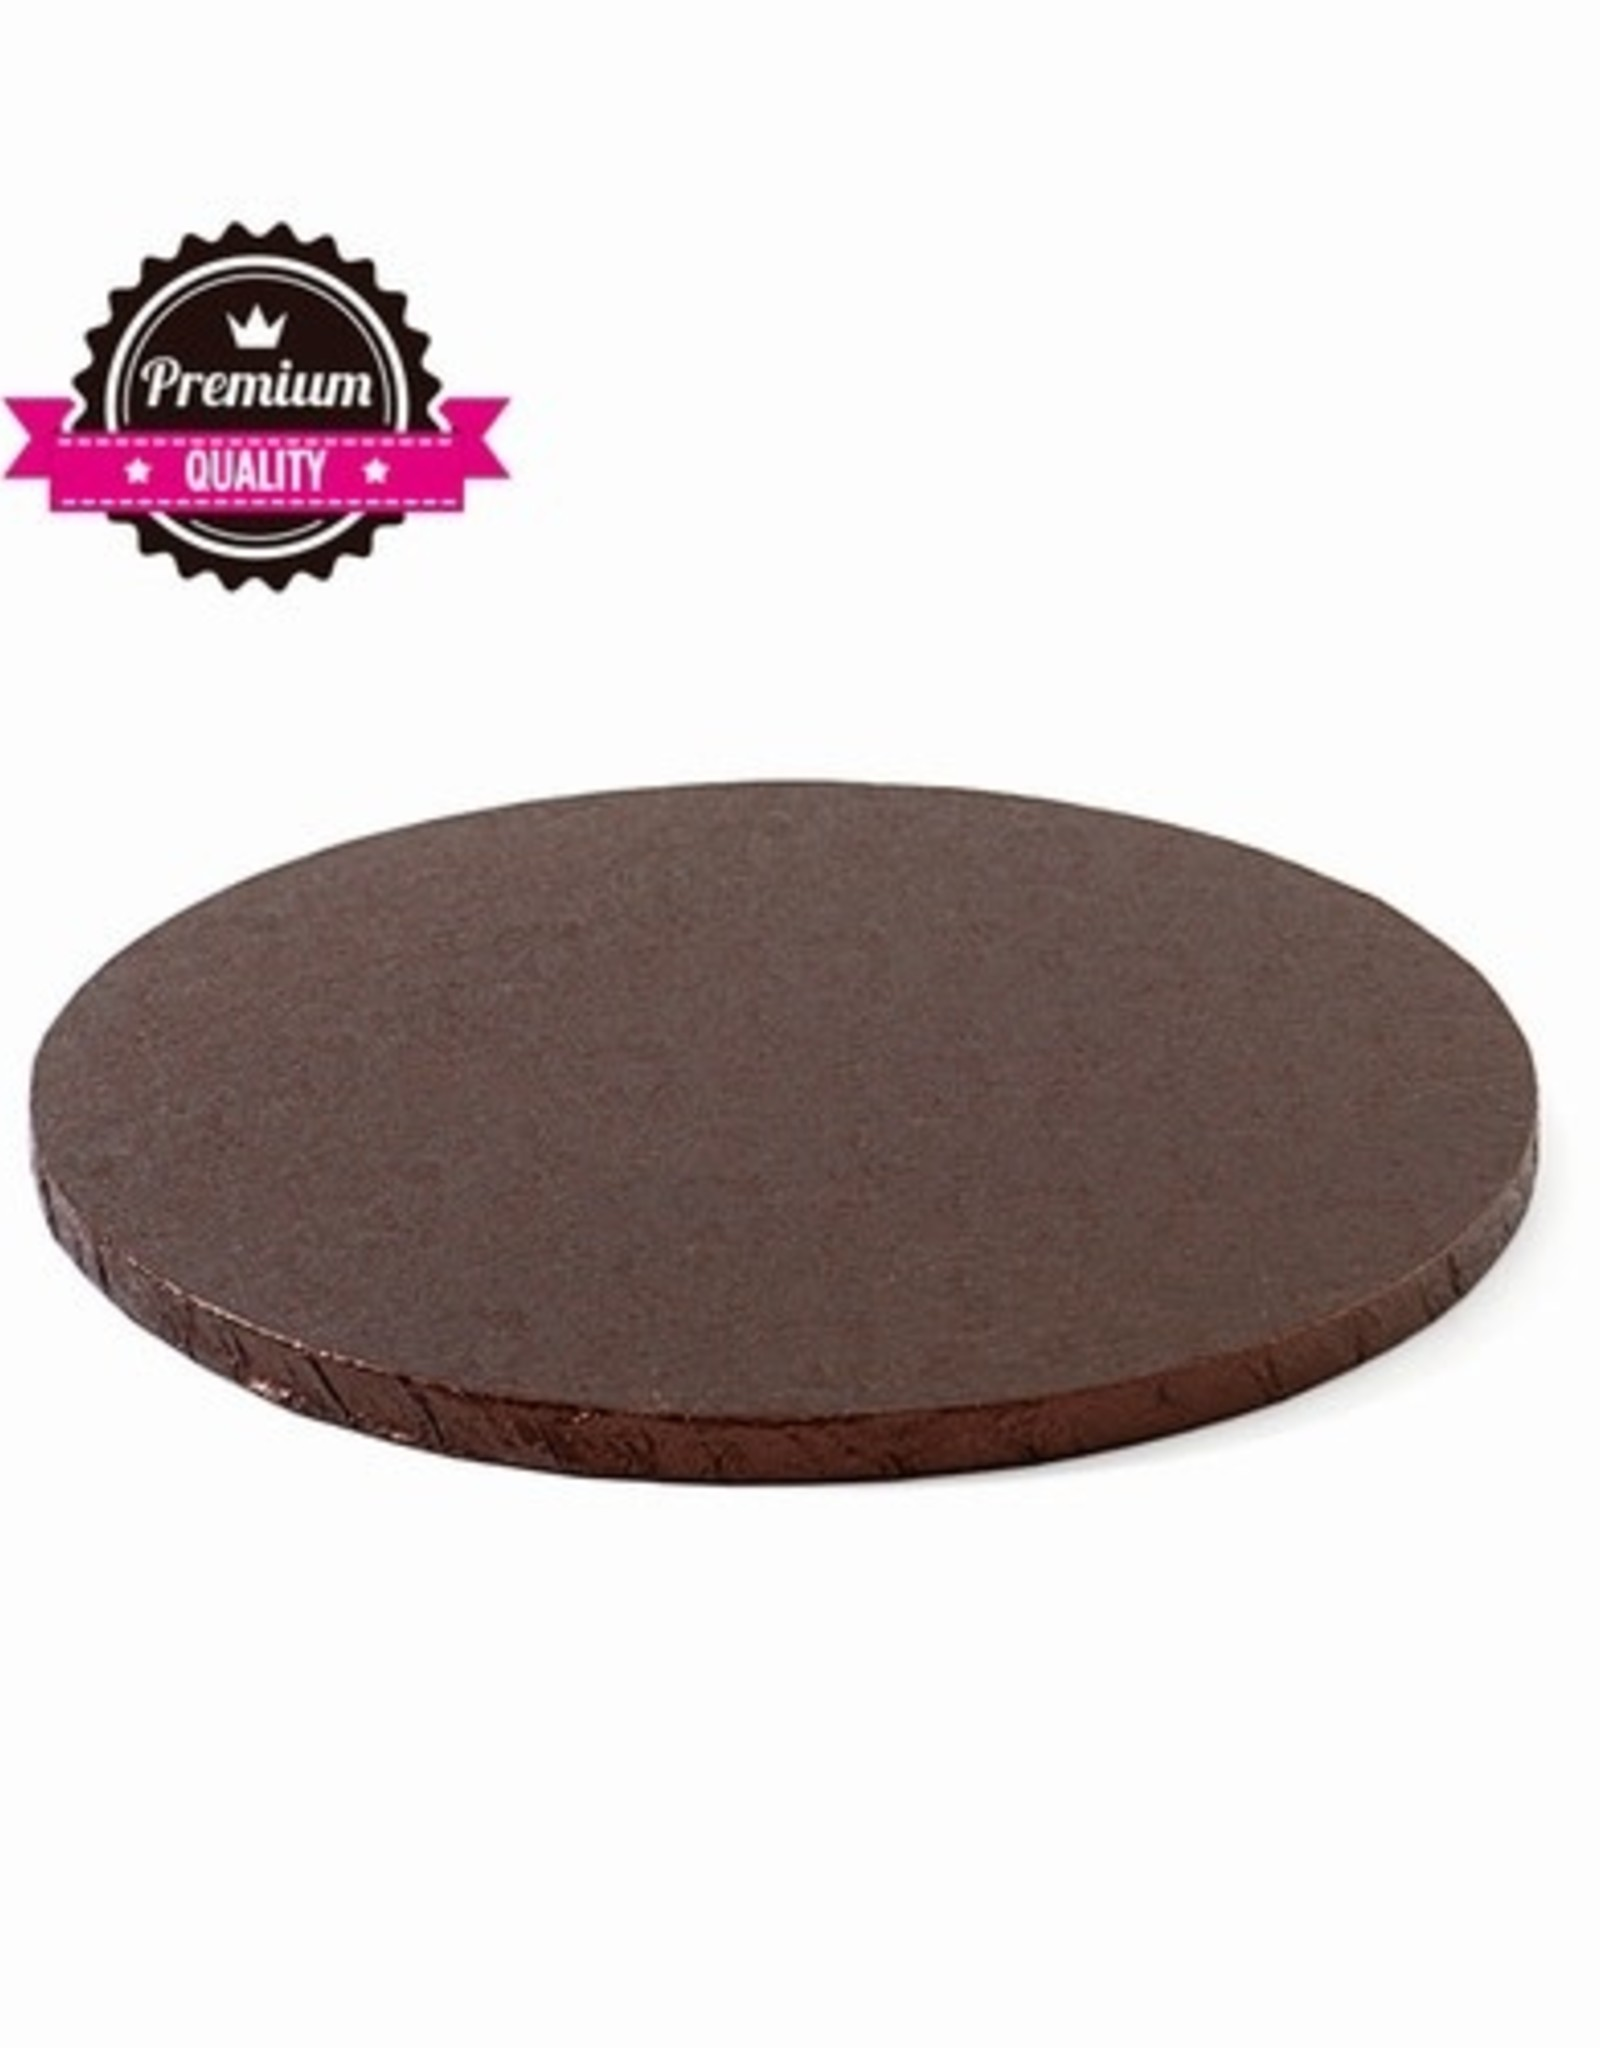 Cake Drum Rond Ø25cm Bruin